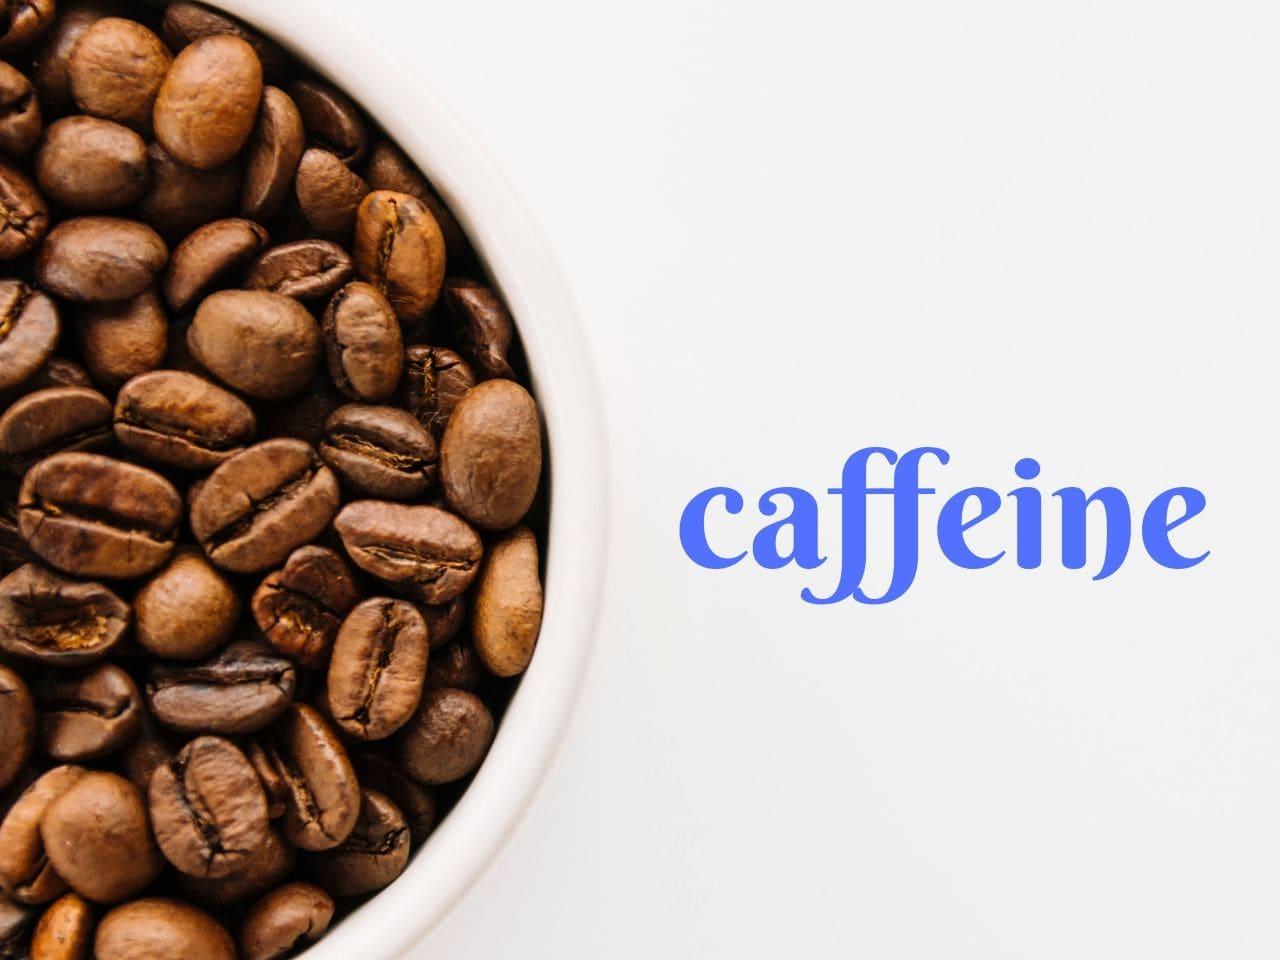 コーヒー豆とカフェインの文字